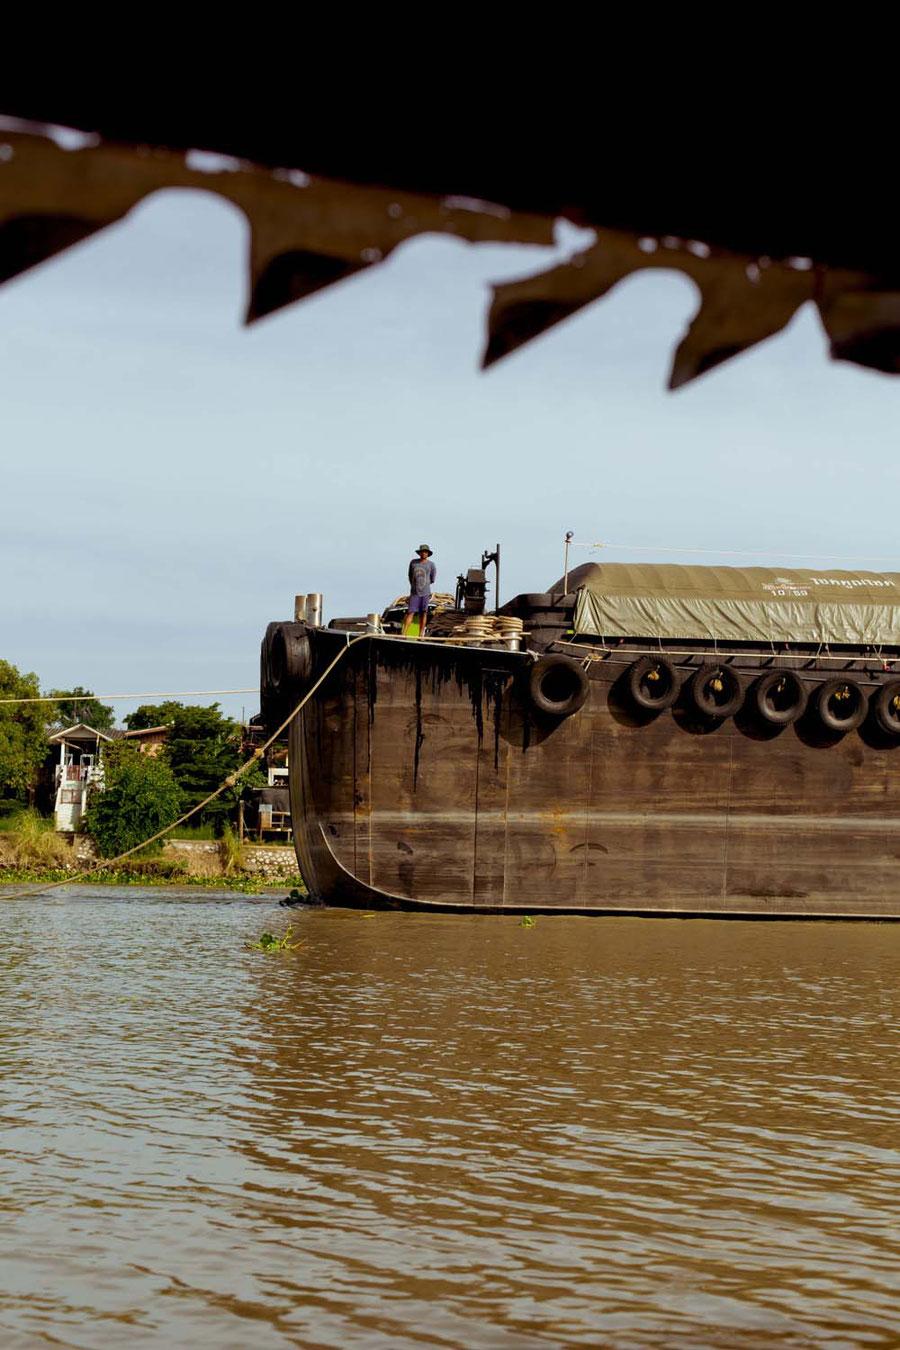 Transportwege, Ayutthaya, Thailand